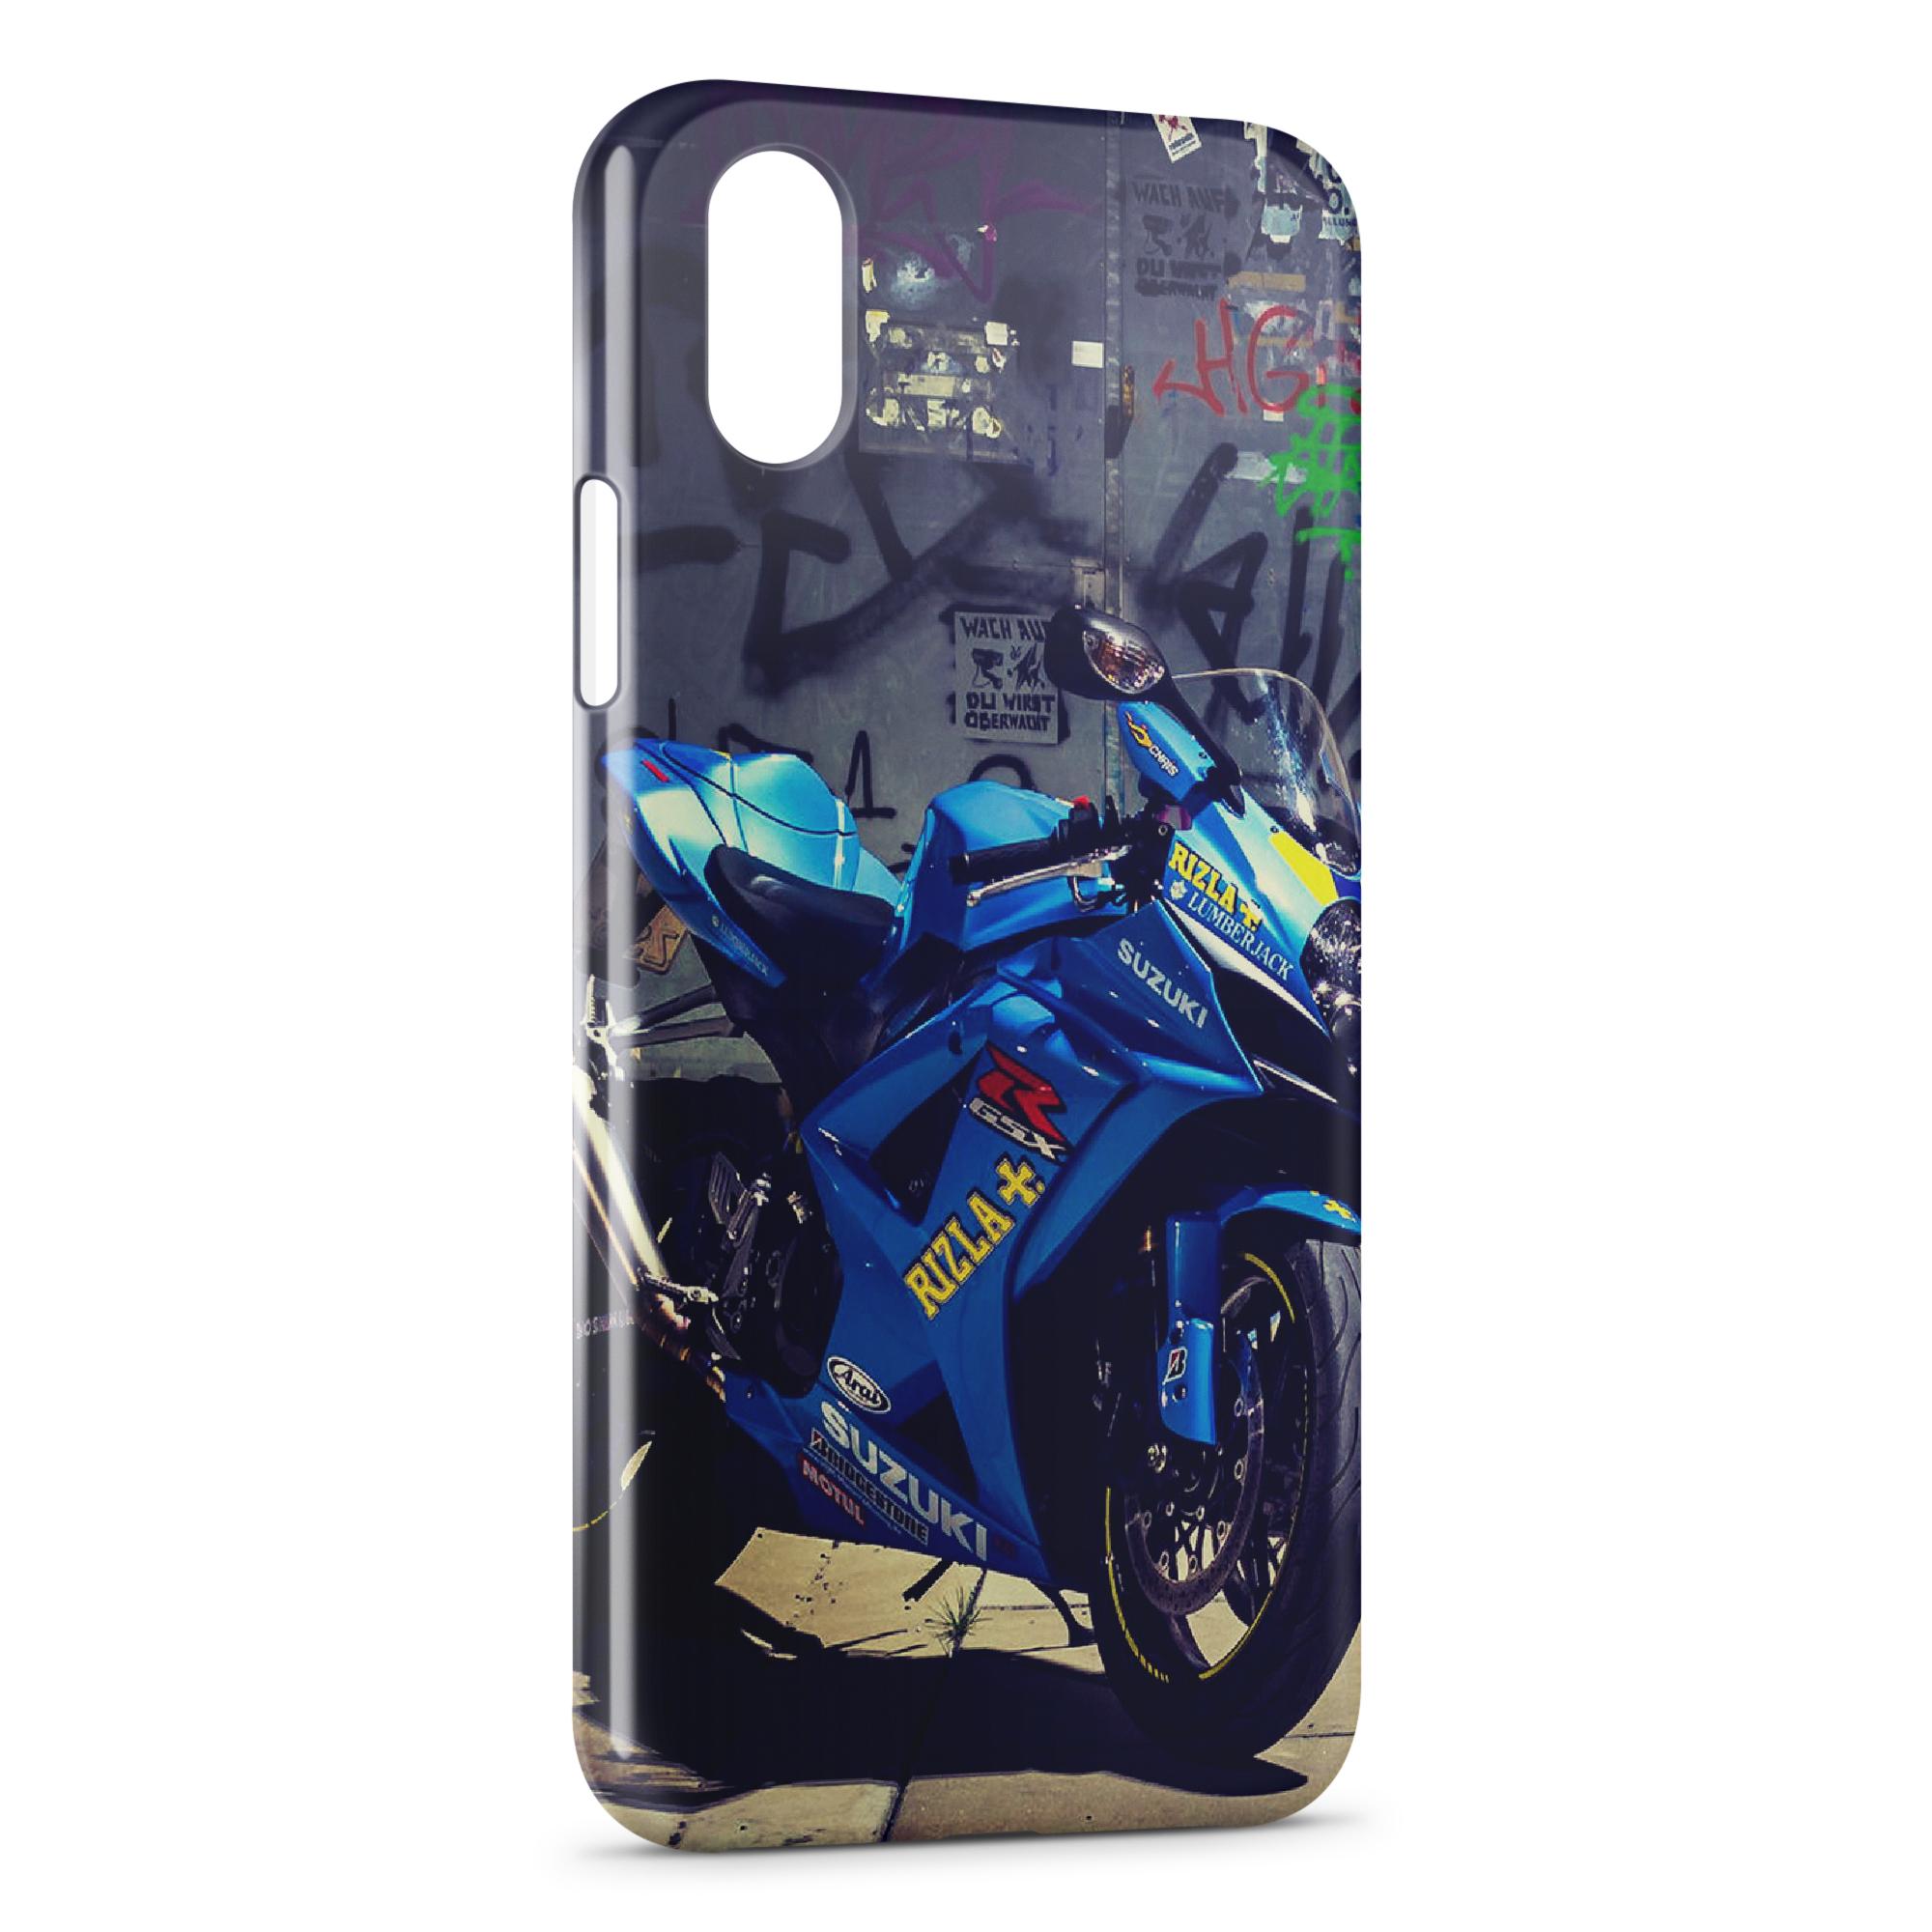 Coque iphone xr moto